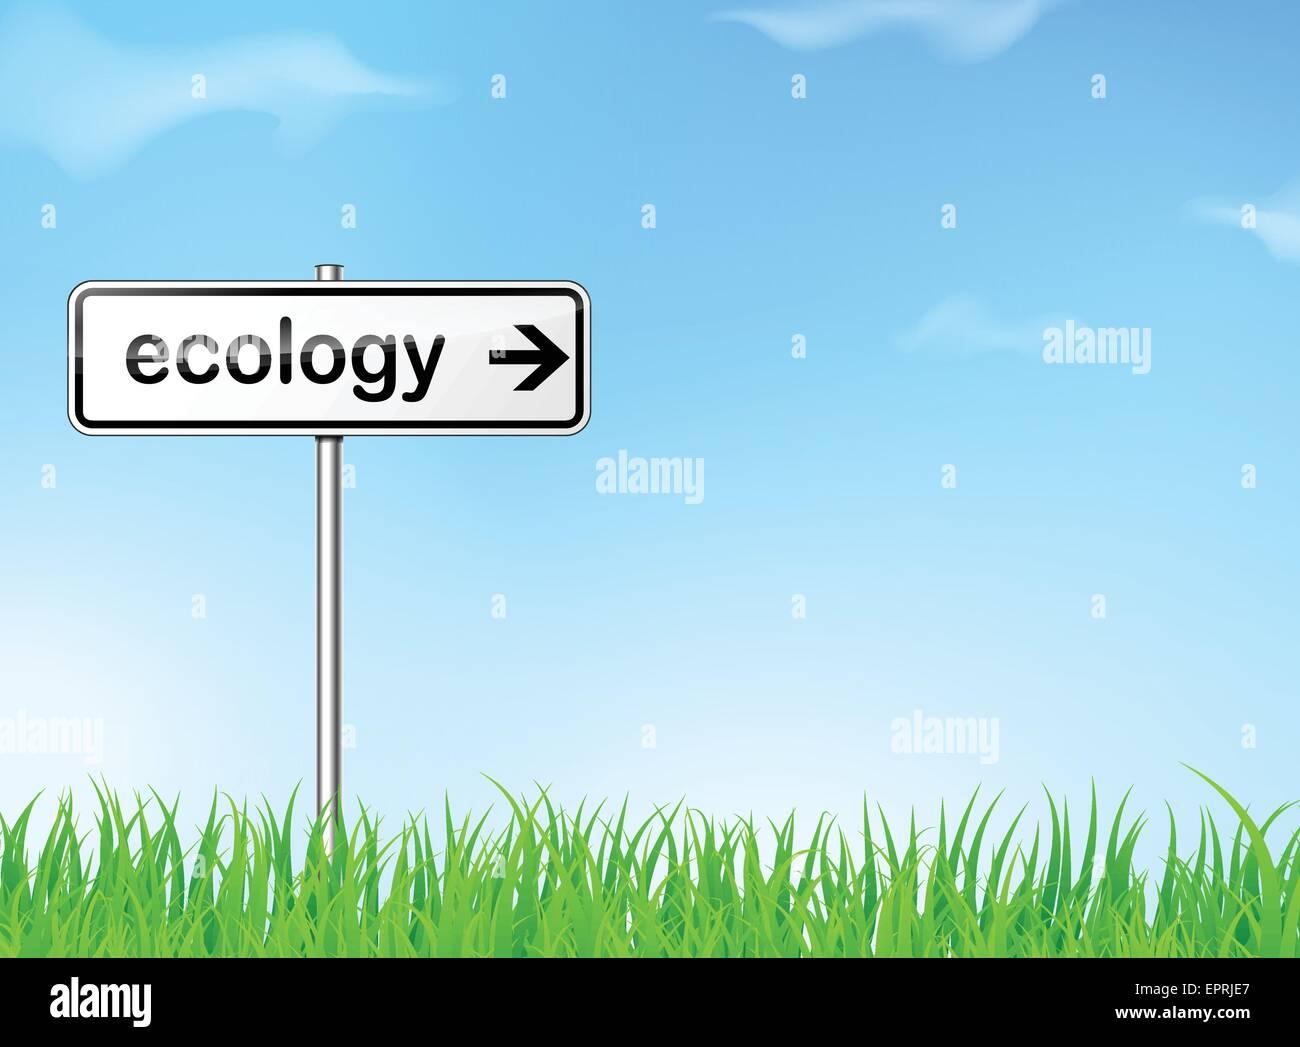 Illustrazione di astratta ecologia cartello stradale direzione Immagini Stock